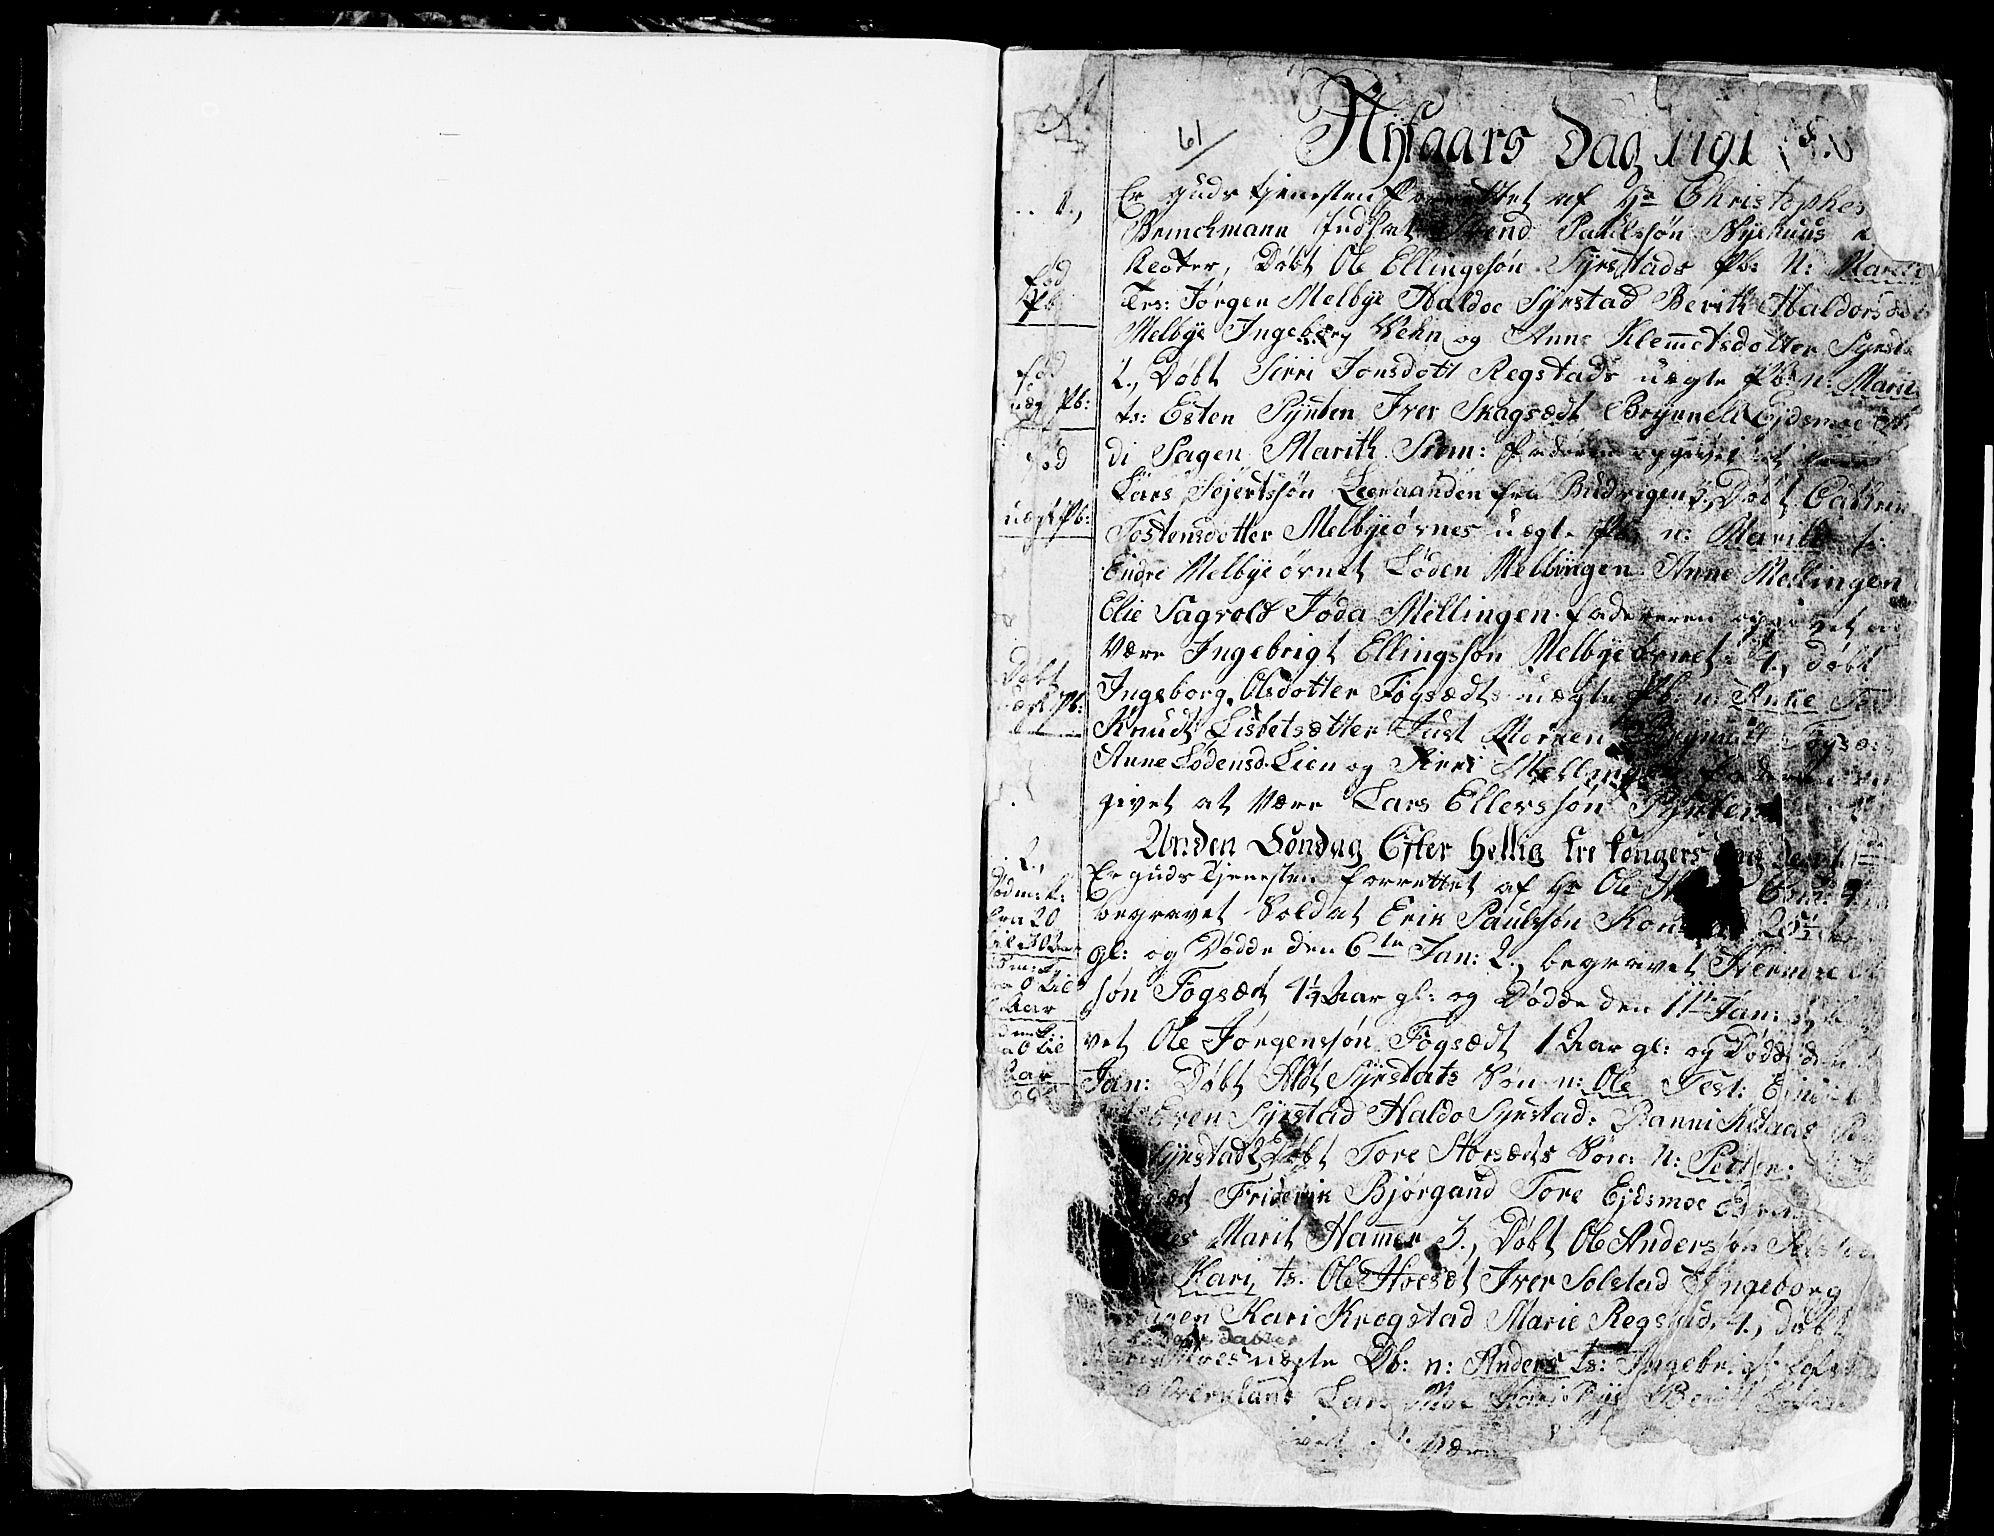 SAT, Ministerialprotokoller, klokkerbøker og fødselsregistre - Sør-Trøndelag, 667/L0794: Ministerialbok nr. 667A02, 1791-1816, s. 2-3